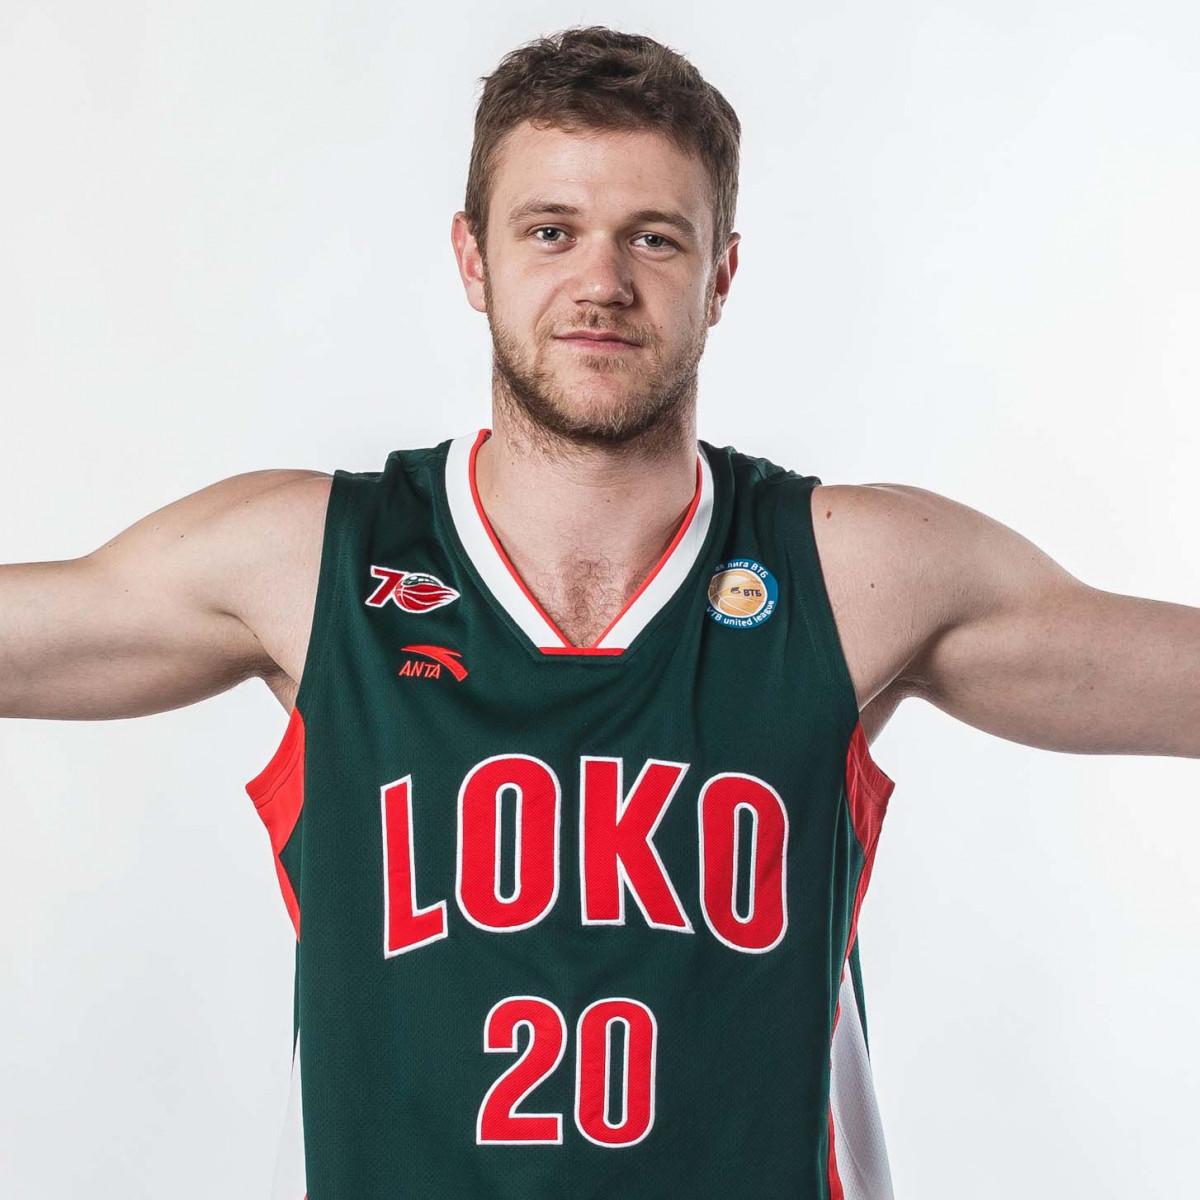 Photo of Andrey Zubkov, 2016-2017 season